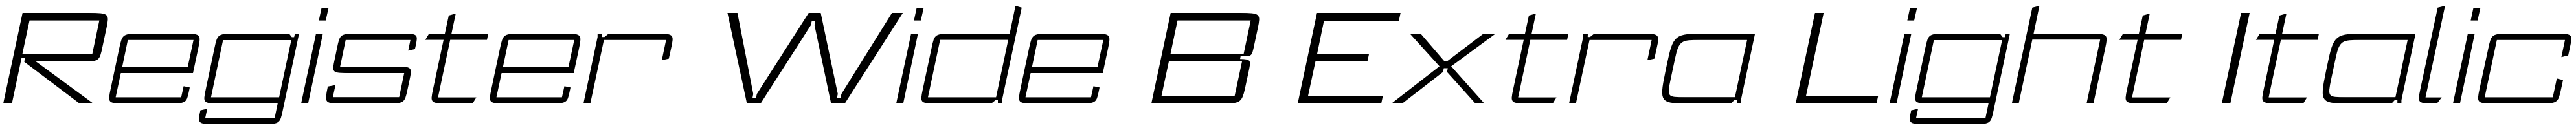 Register Wide B Extra Light Italic